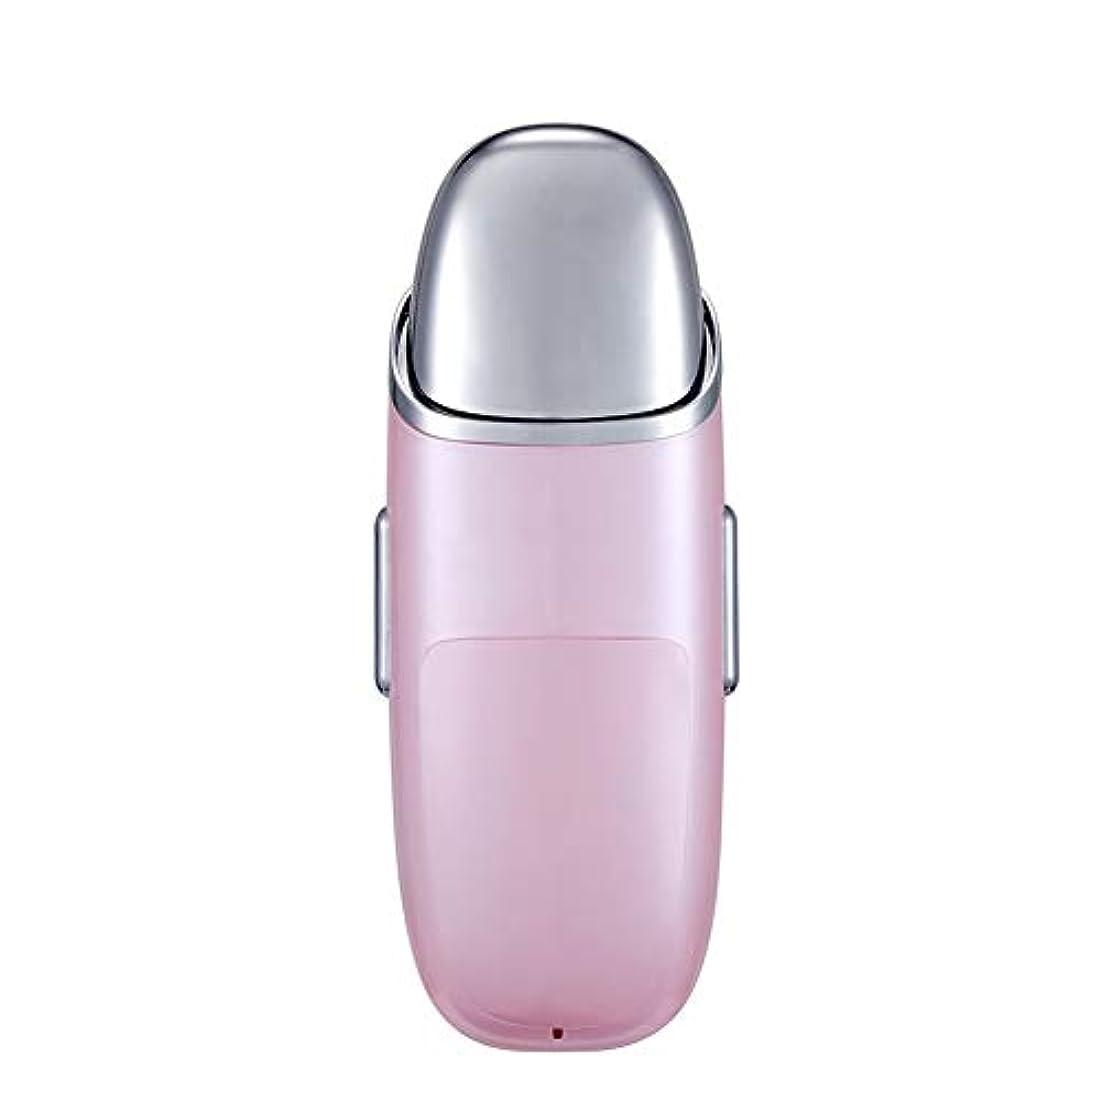 共和党イソギンチャク品ナノフェイシャル、充電式フェイシャルスチーマー10 ml水タンク、ポータブルフェイシャルスプレー、スキンケア、旅行保湿および保湿 (Color : Pink)